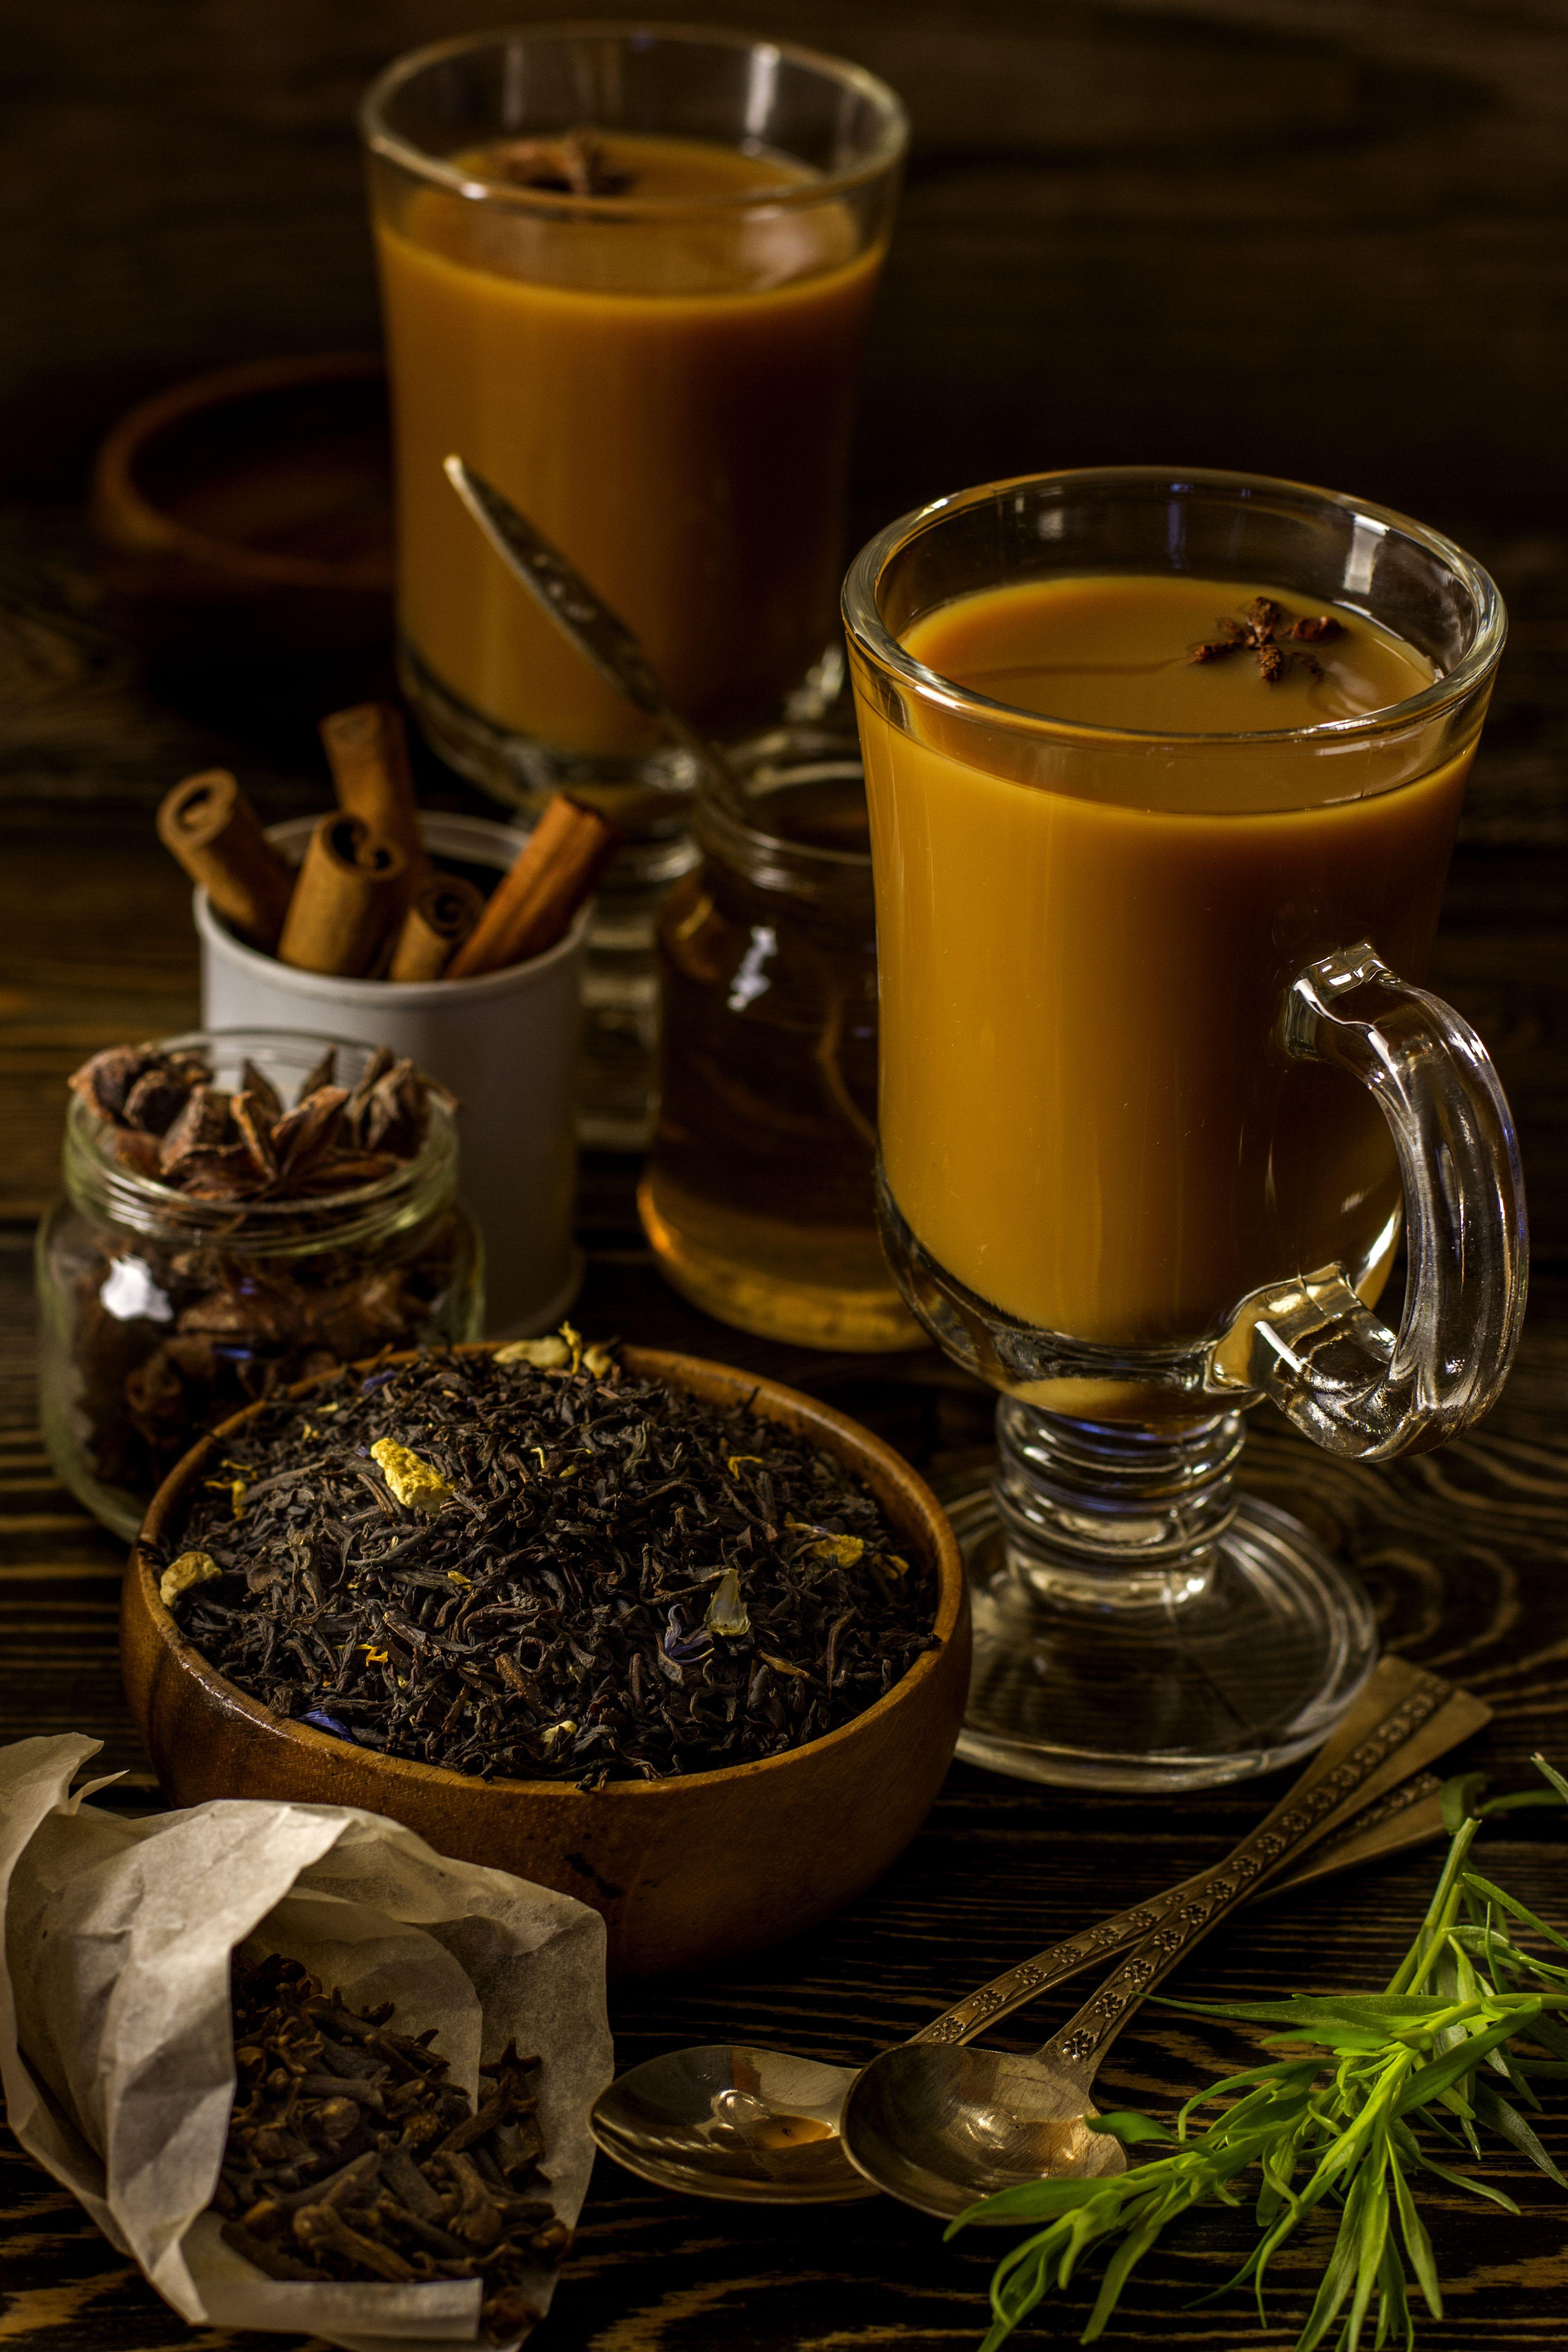 Чайная церемония: пей и не болей!